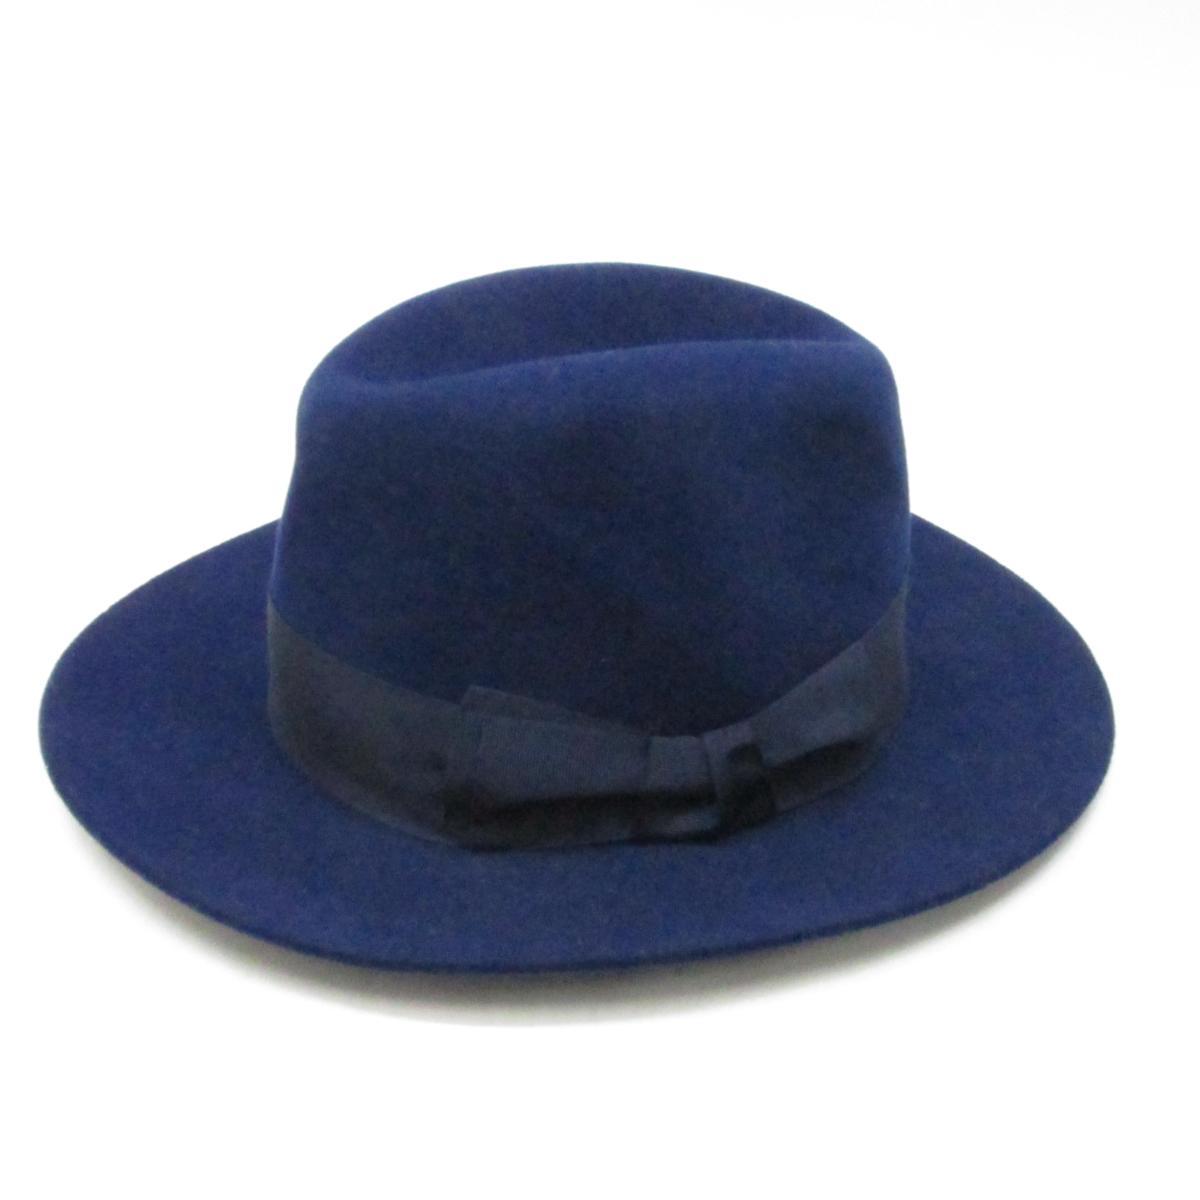 【中古】 エルメス ハット メンズ レディース タグ表記:ラパン ネイビー | HERMES 帽子 ハット ブランドオフ